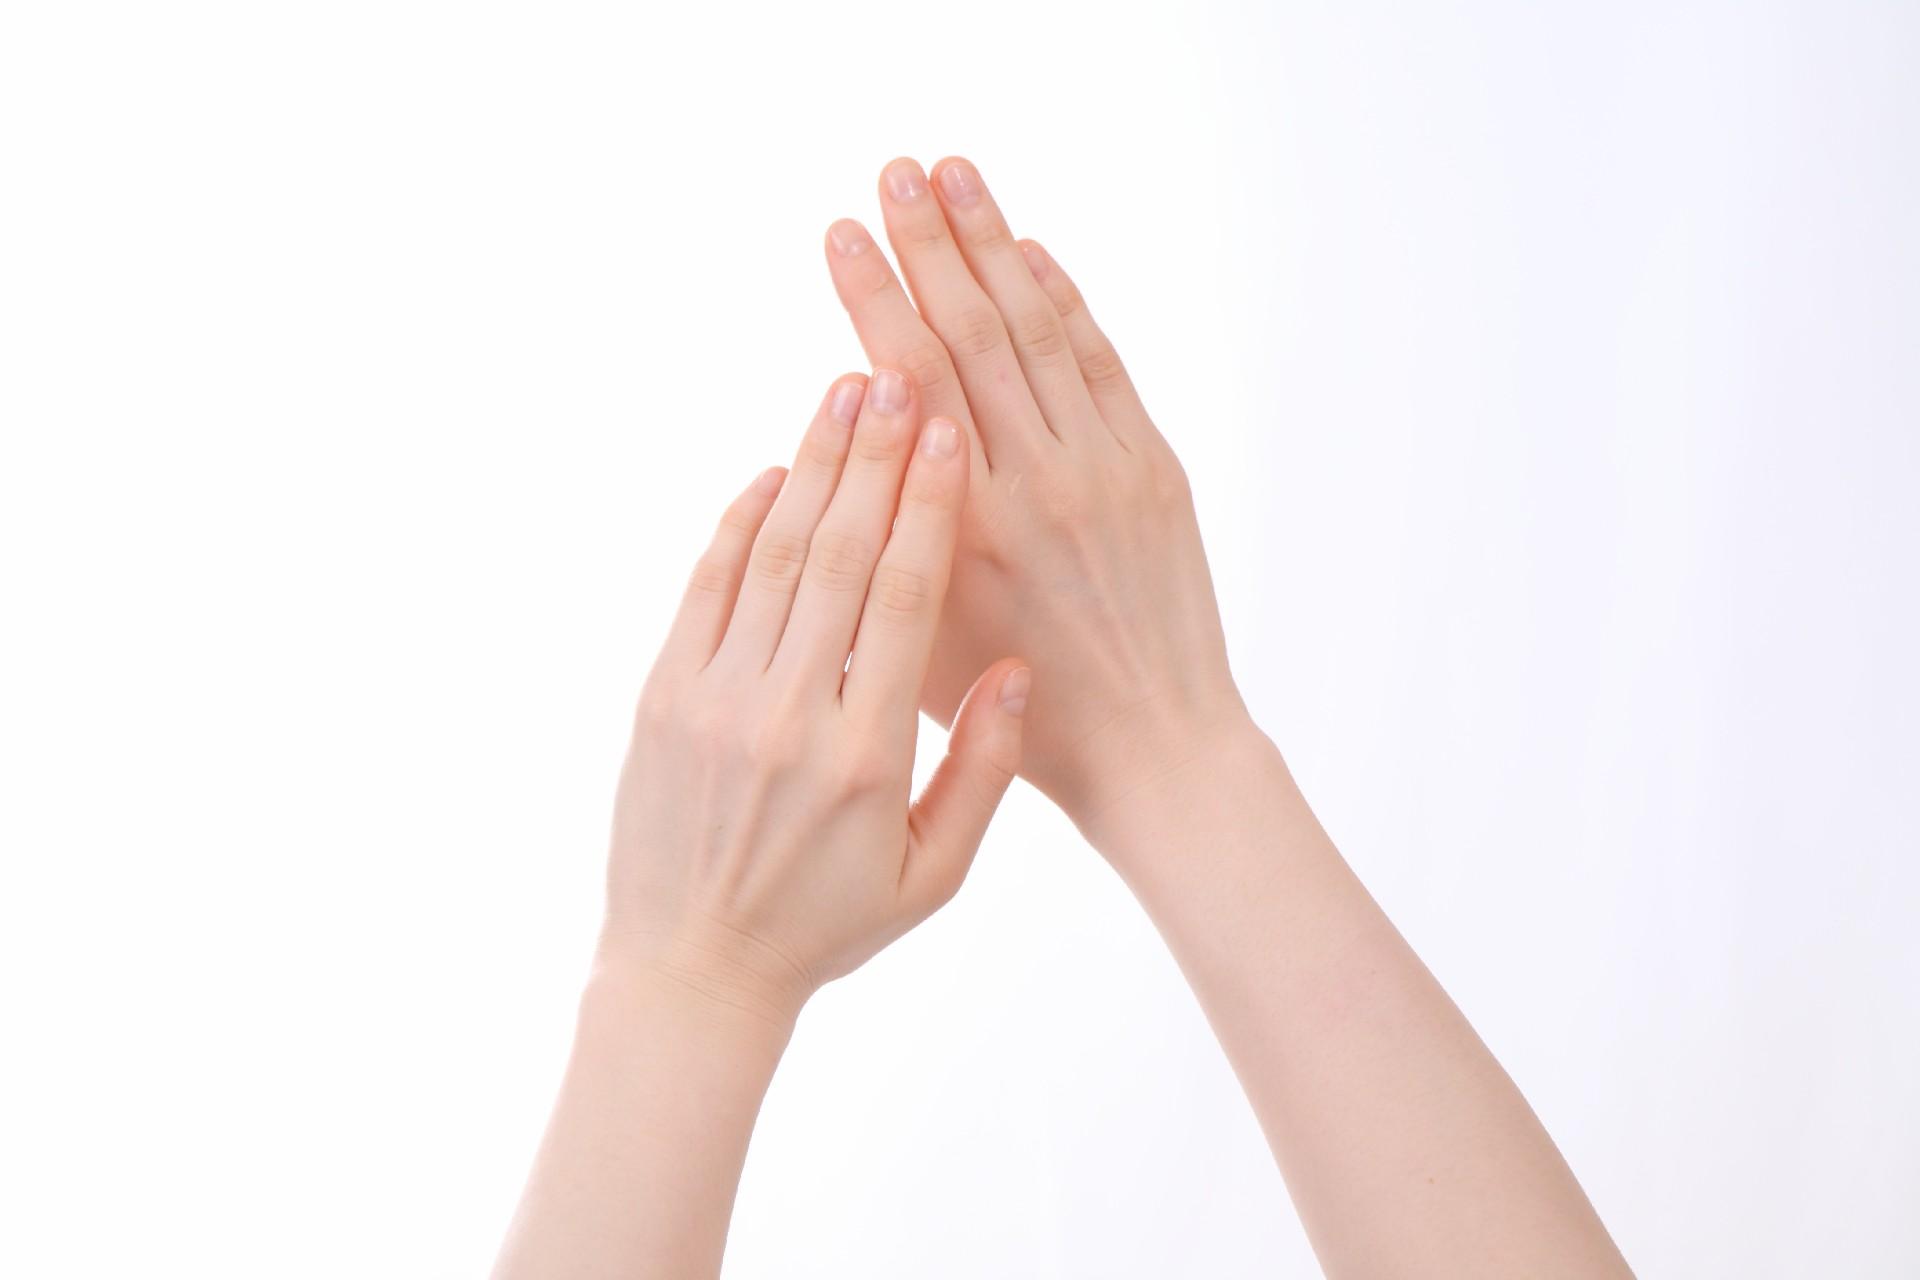 岐阜で脱毛するならミュゼ岐阜店【予約可】岐阜市加納神明町|岐阜駅